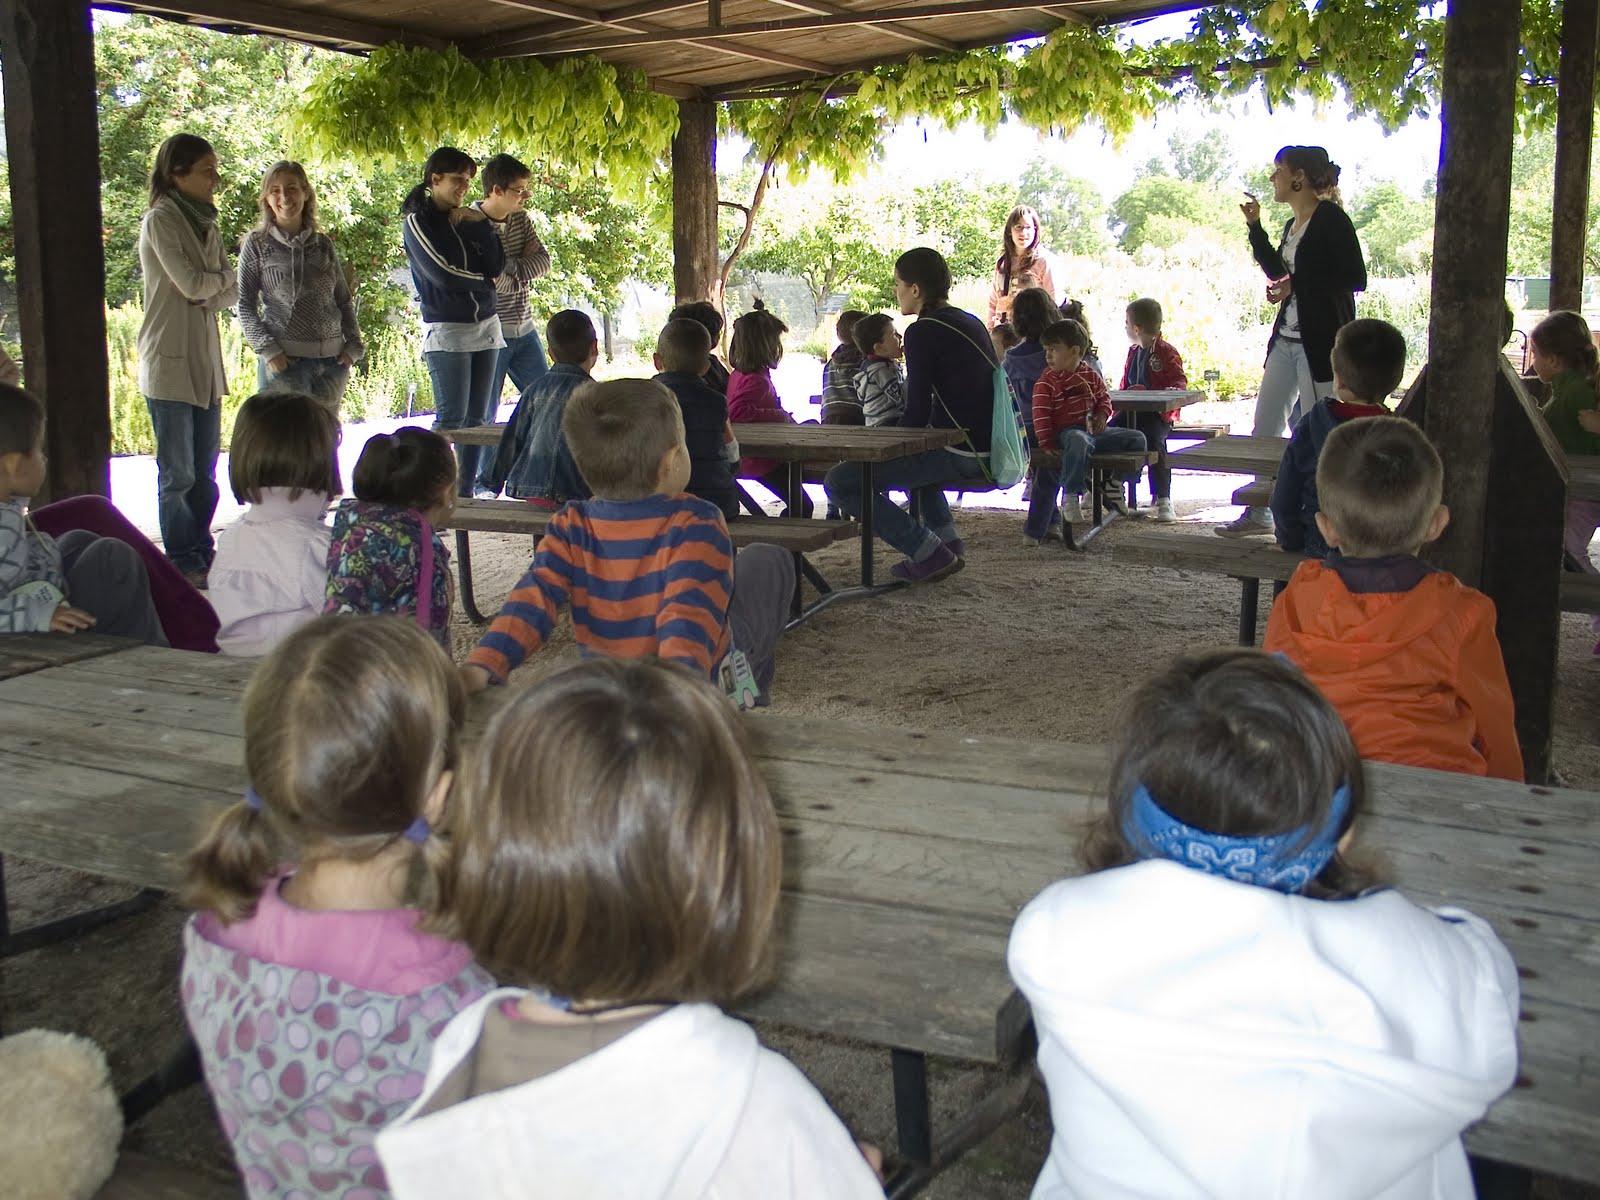 Familias y amigos de platero visita al jard n bot nico for Amigos del jardin botanico